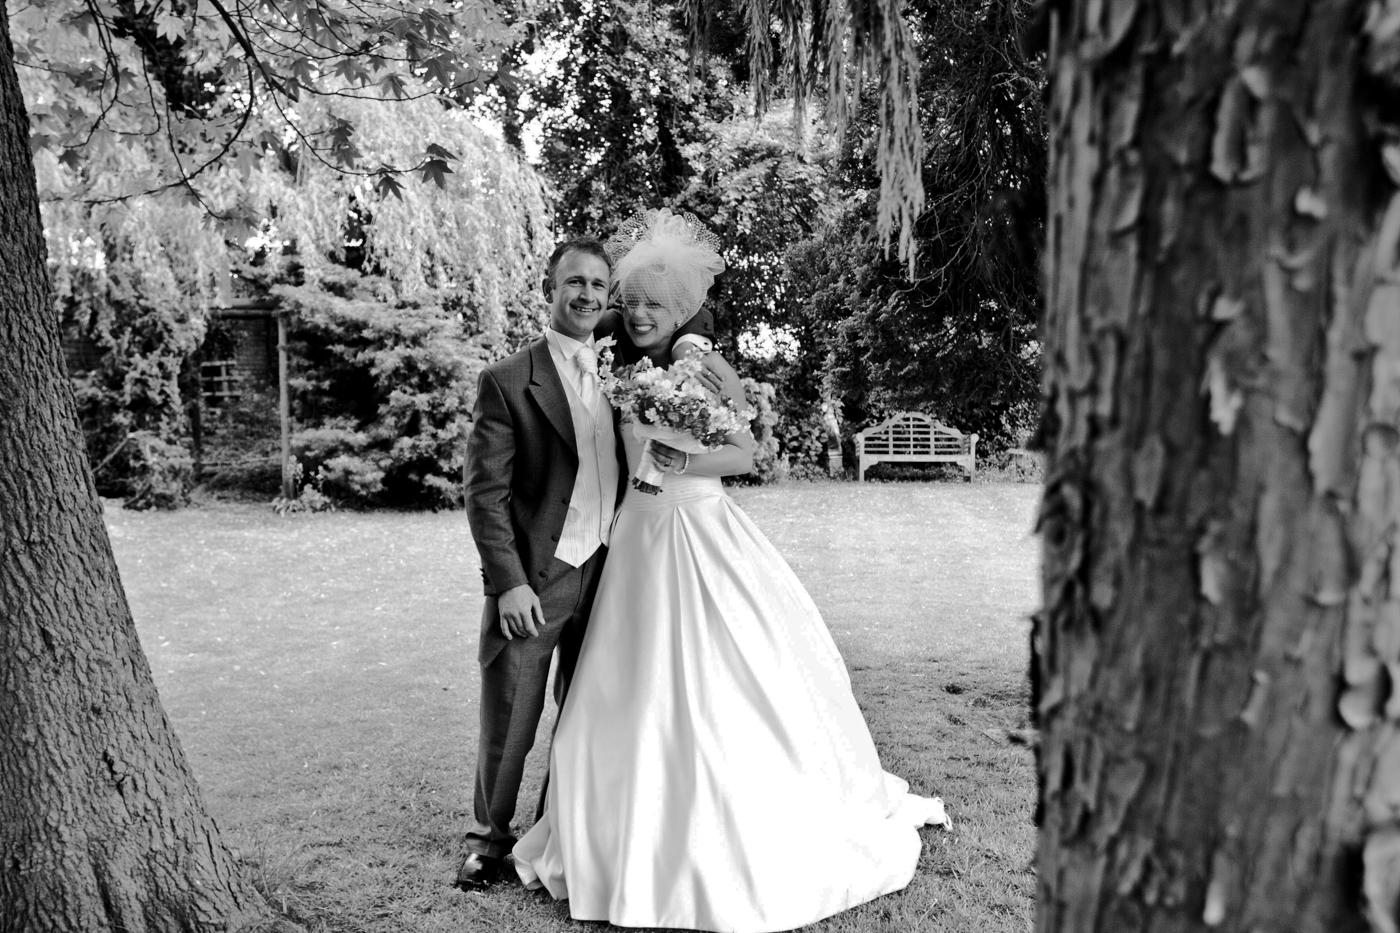 175 Keedy and Carl at The Secret Garden in Retford  - Wedding Photography by Mark Pugh www.markpugh.com_.jpg